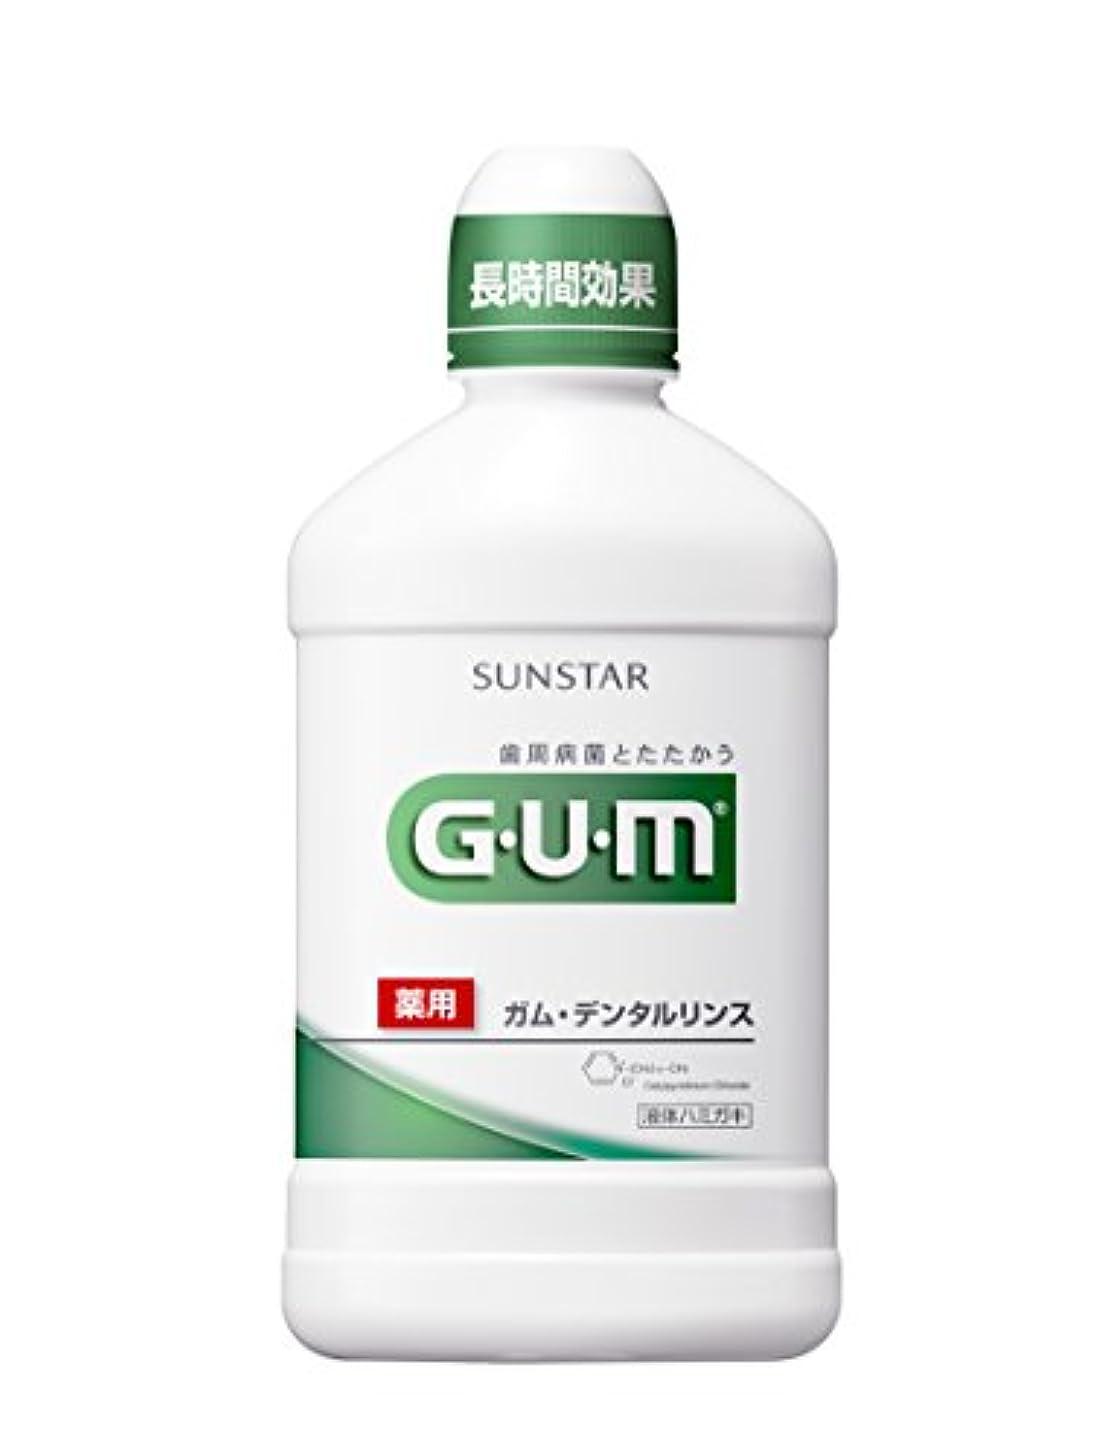 国気候病者GUMデンタルリンス500ML レギュラー [医薬部外品]